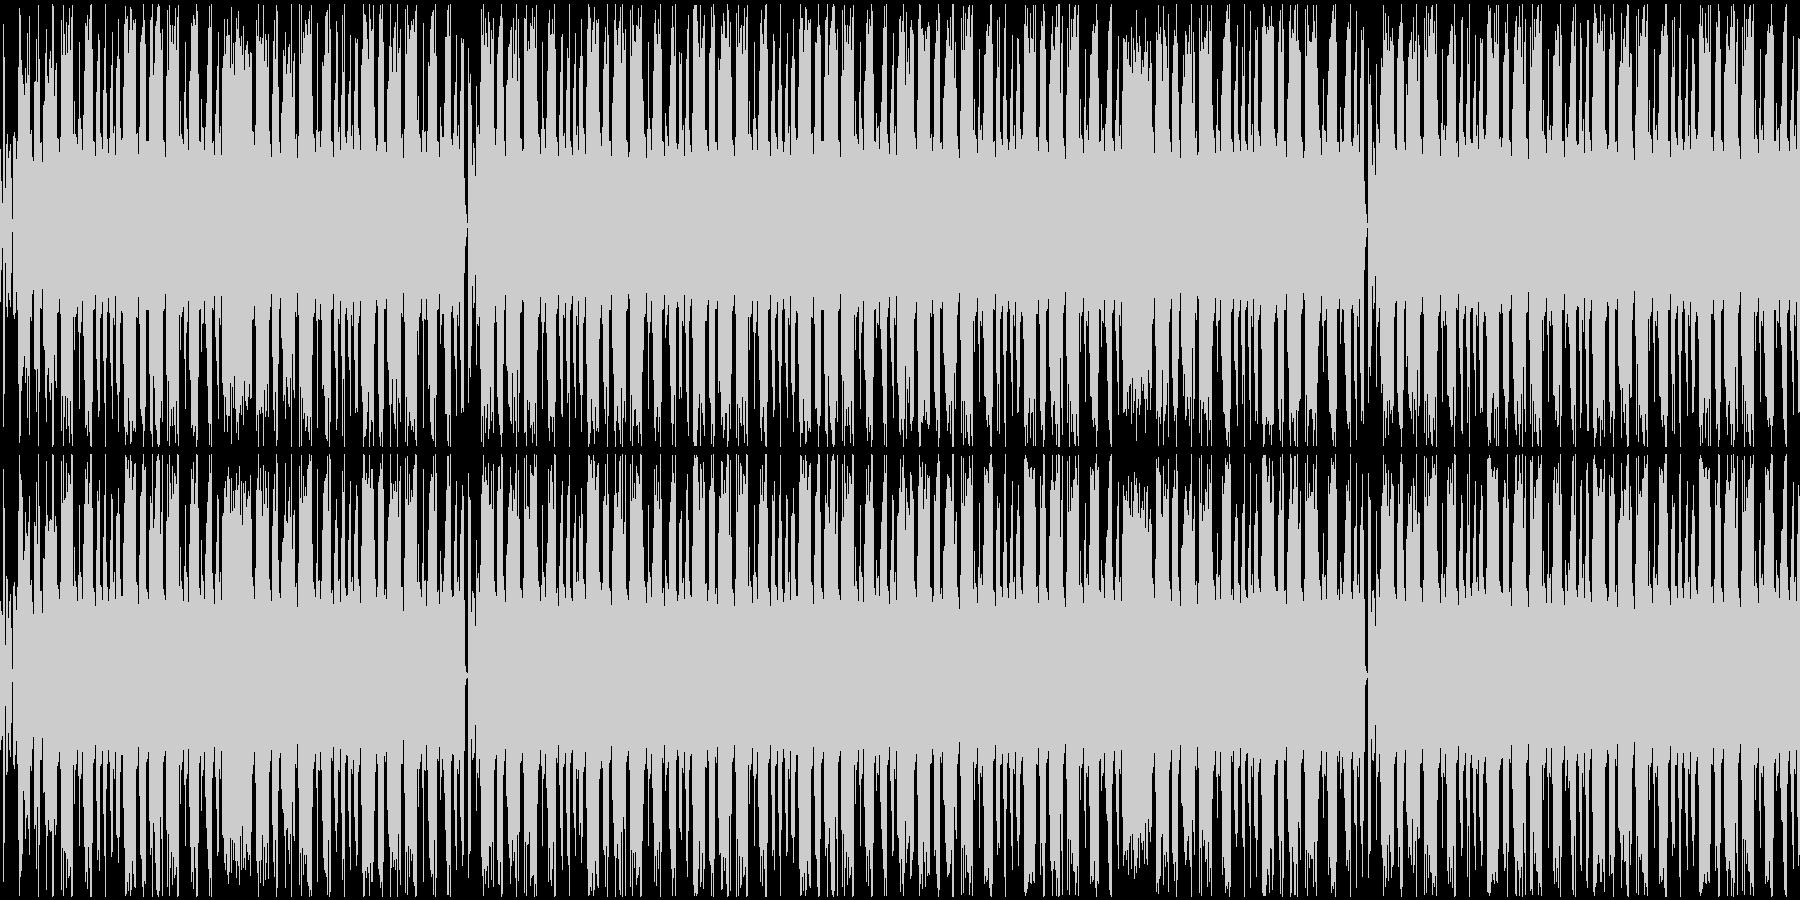 サイバーパンクなテクノBGMの未再生の波形